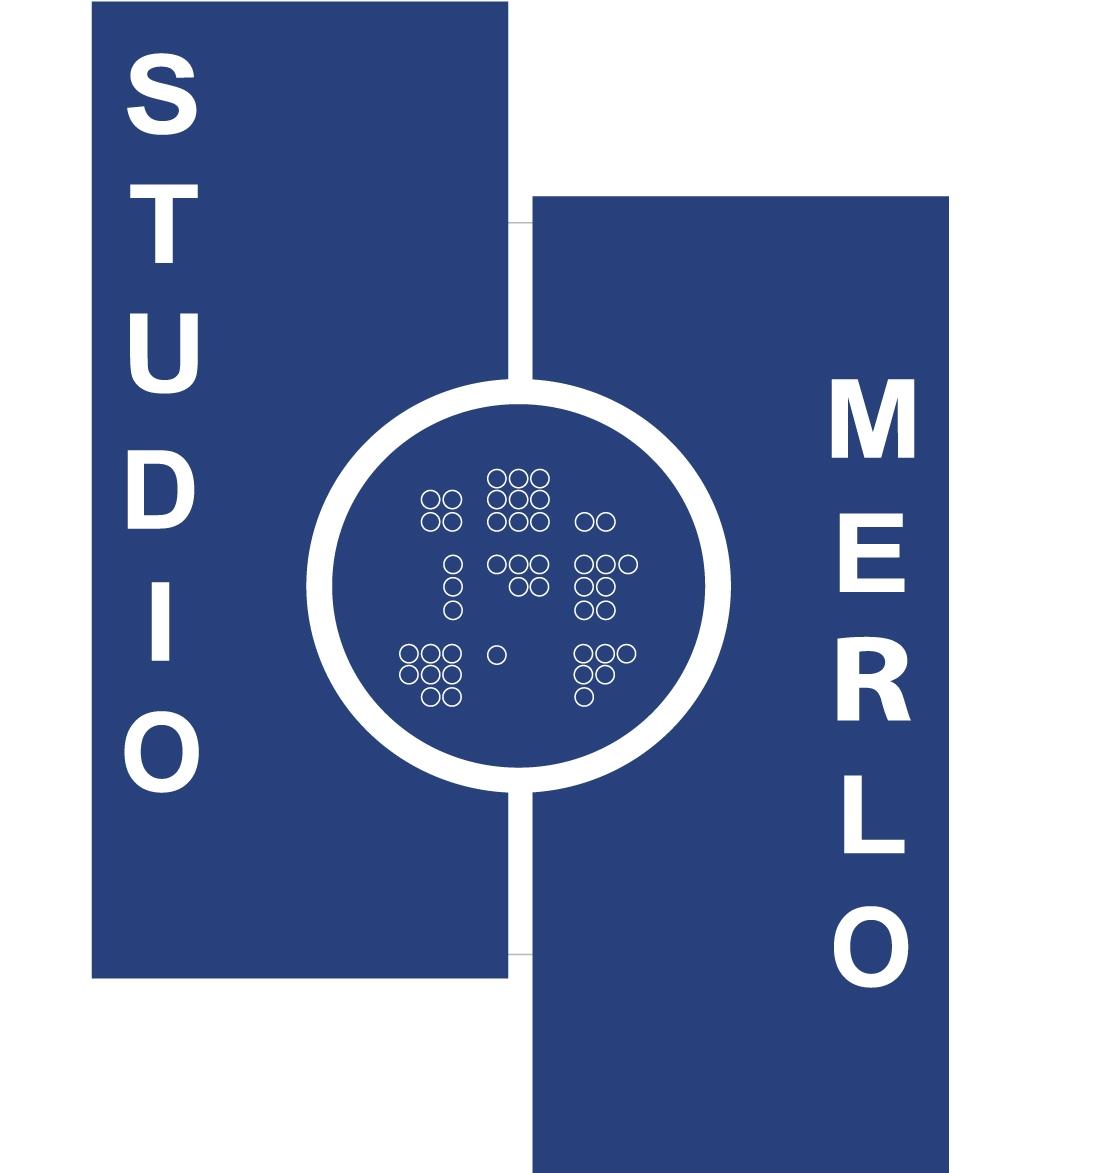 STUDIO DR. MORENO MERLO